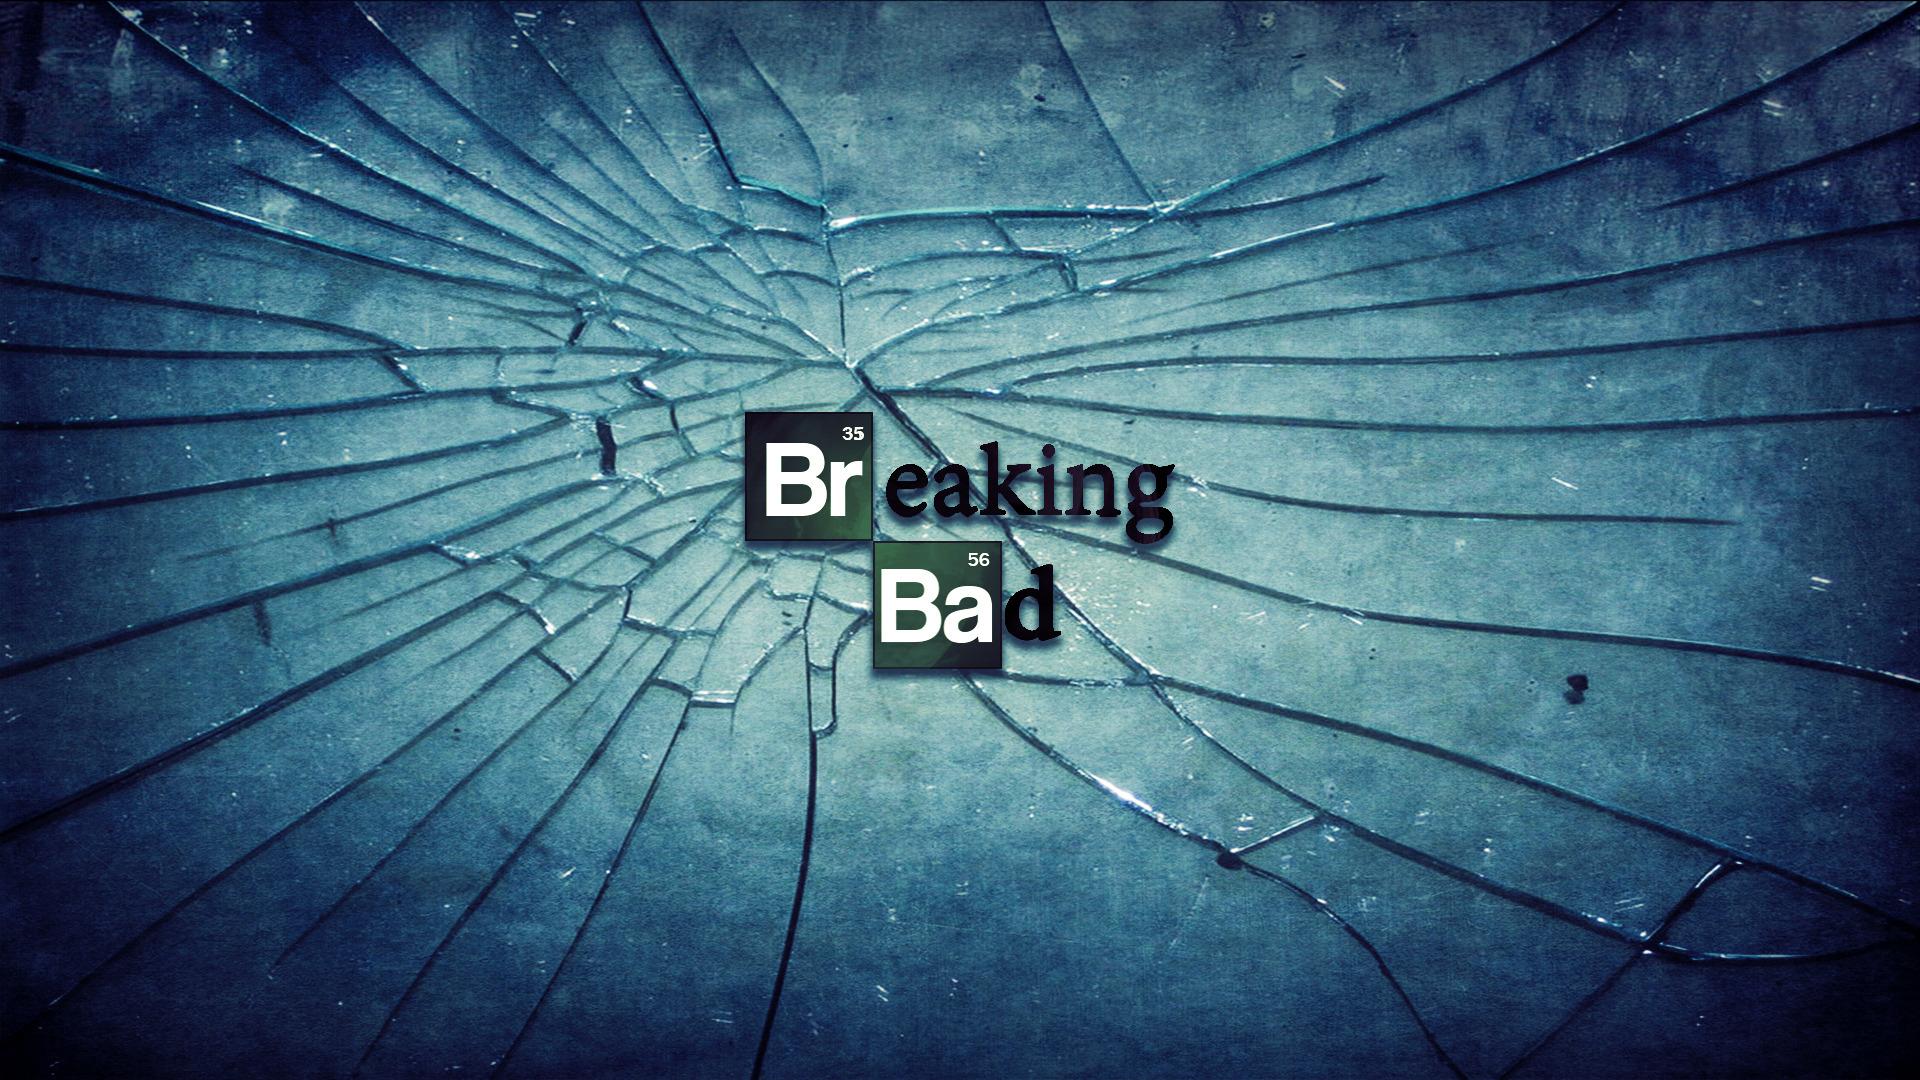 Breaking Bad Wallpaper 1920x1080